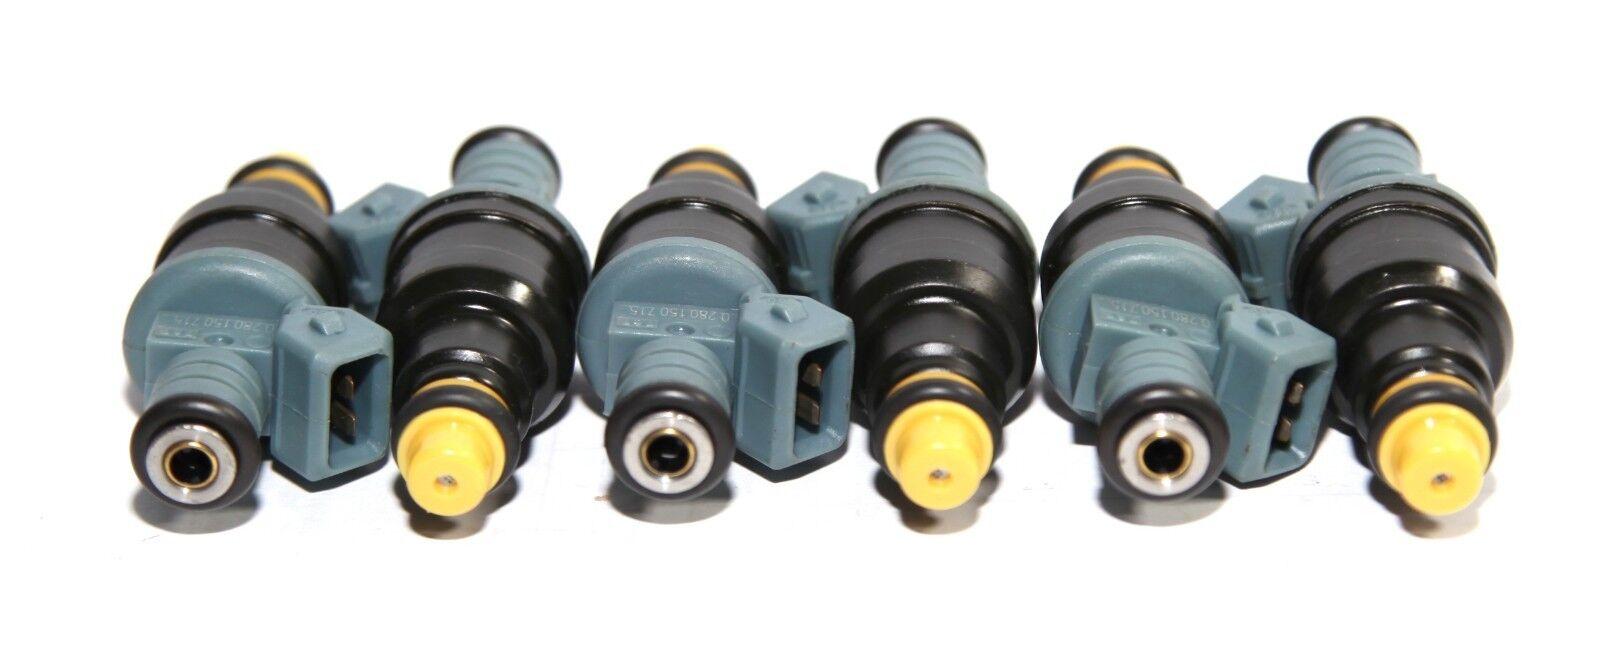 6 Pieces Fuel Injectors for BMW 92-93 BMW 325i //87-89 325is//88-90 325iX 2.5L I6